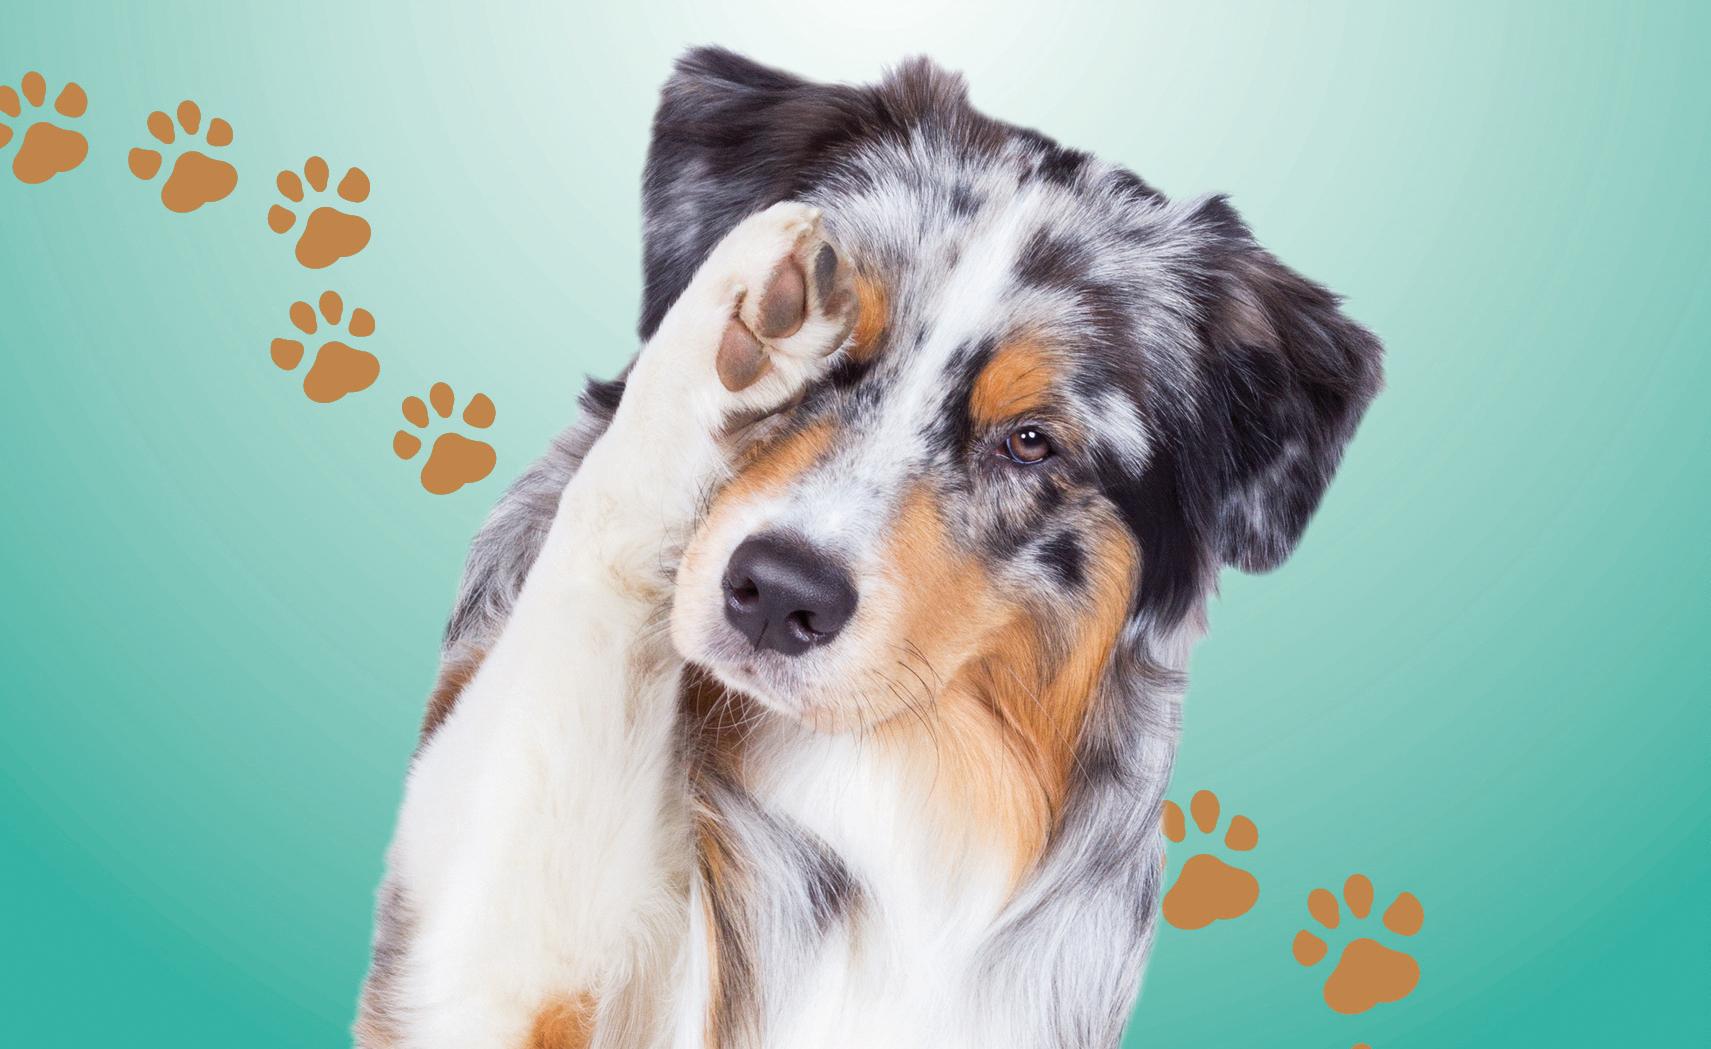 Ramassage des déjections canines